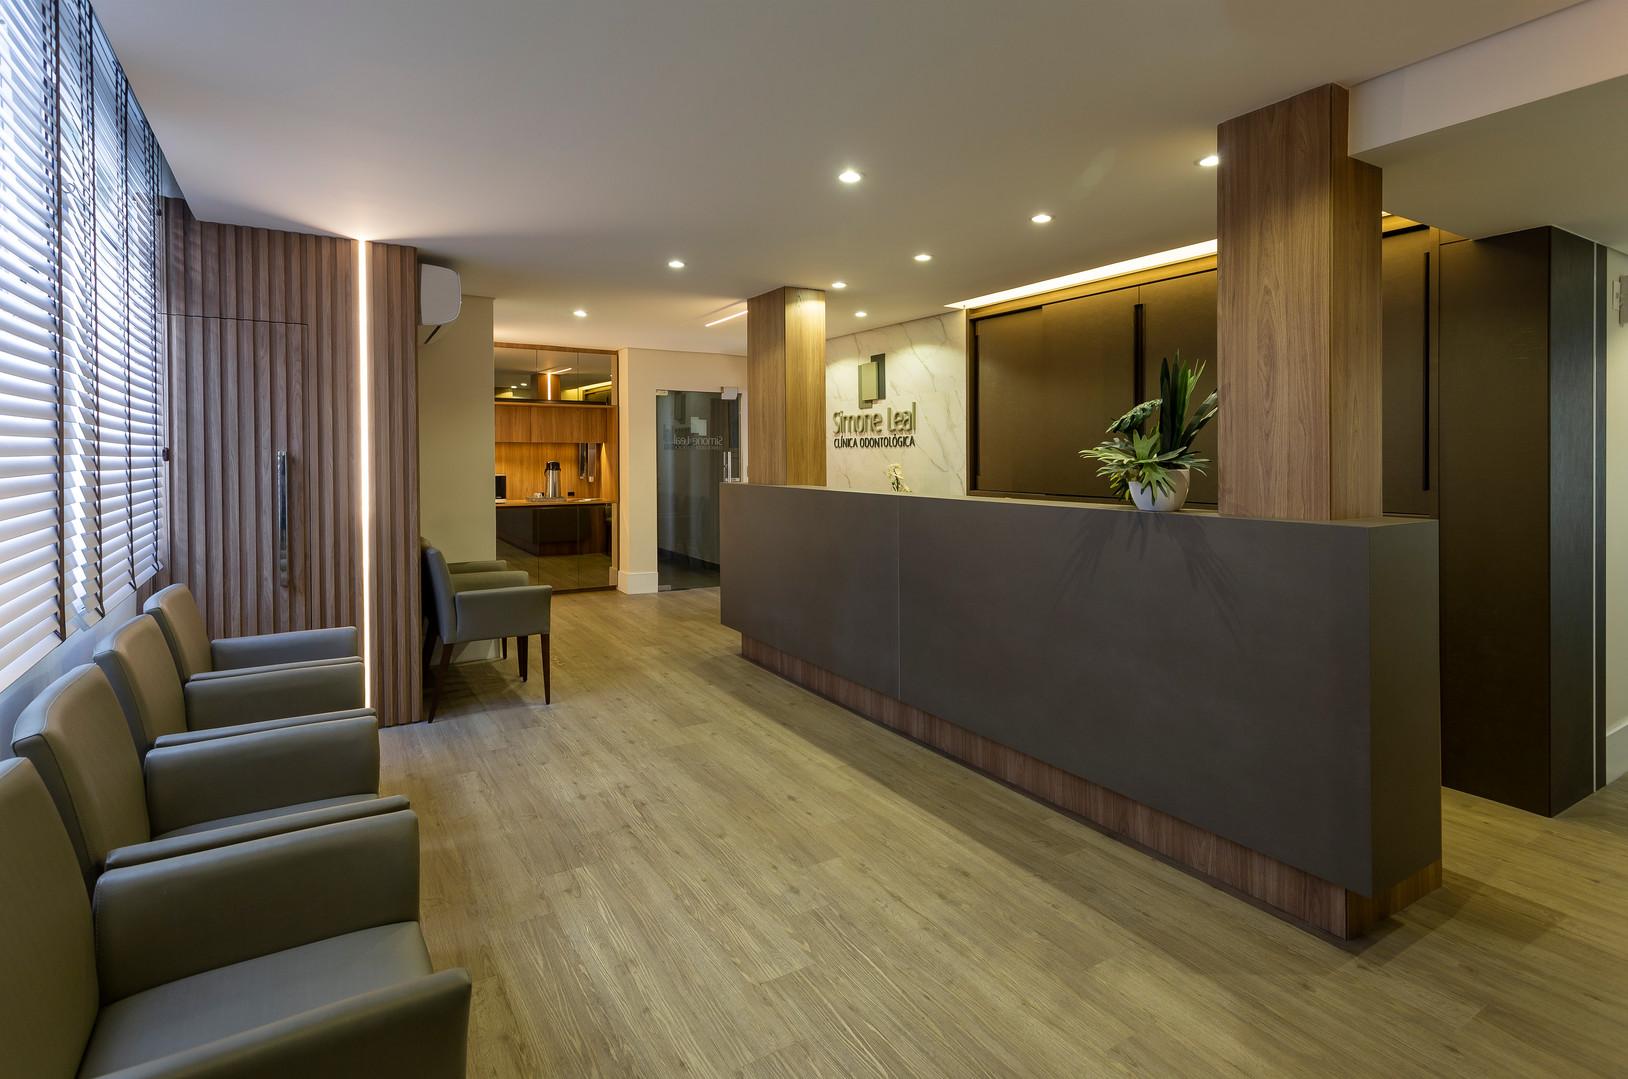 arquitetura clinica odontologica simone